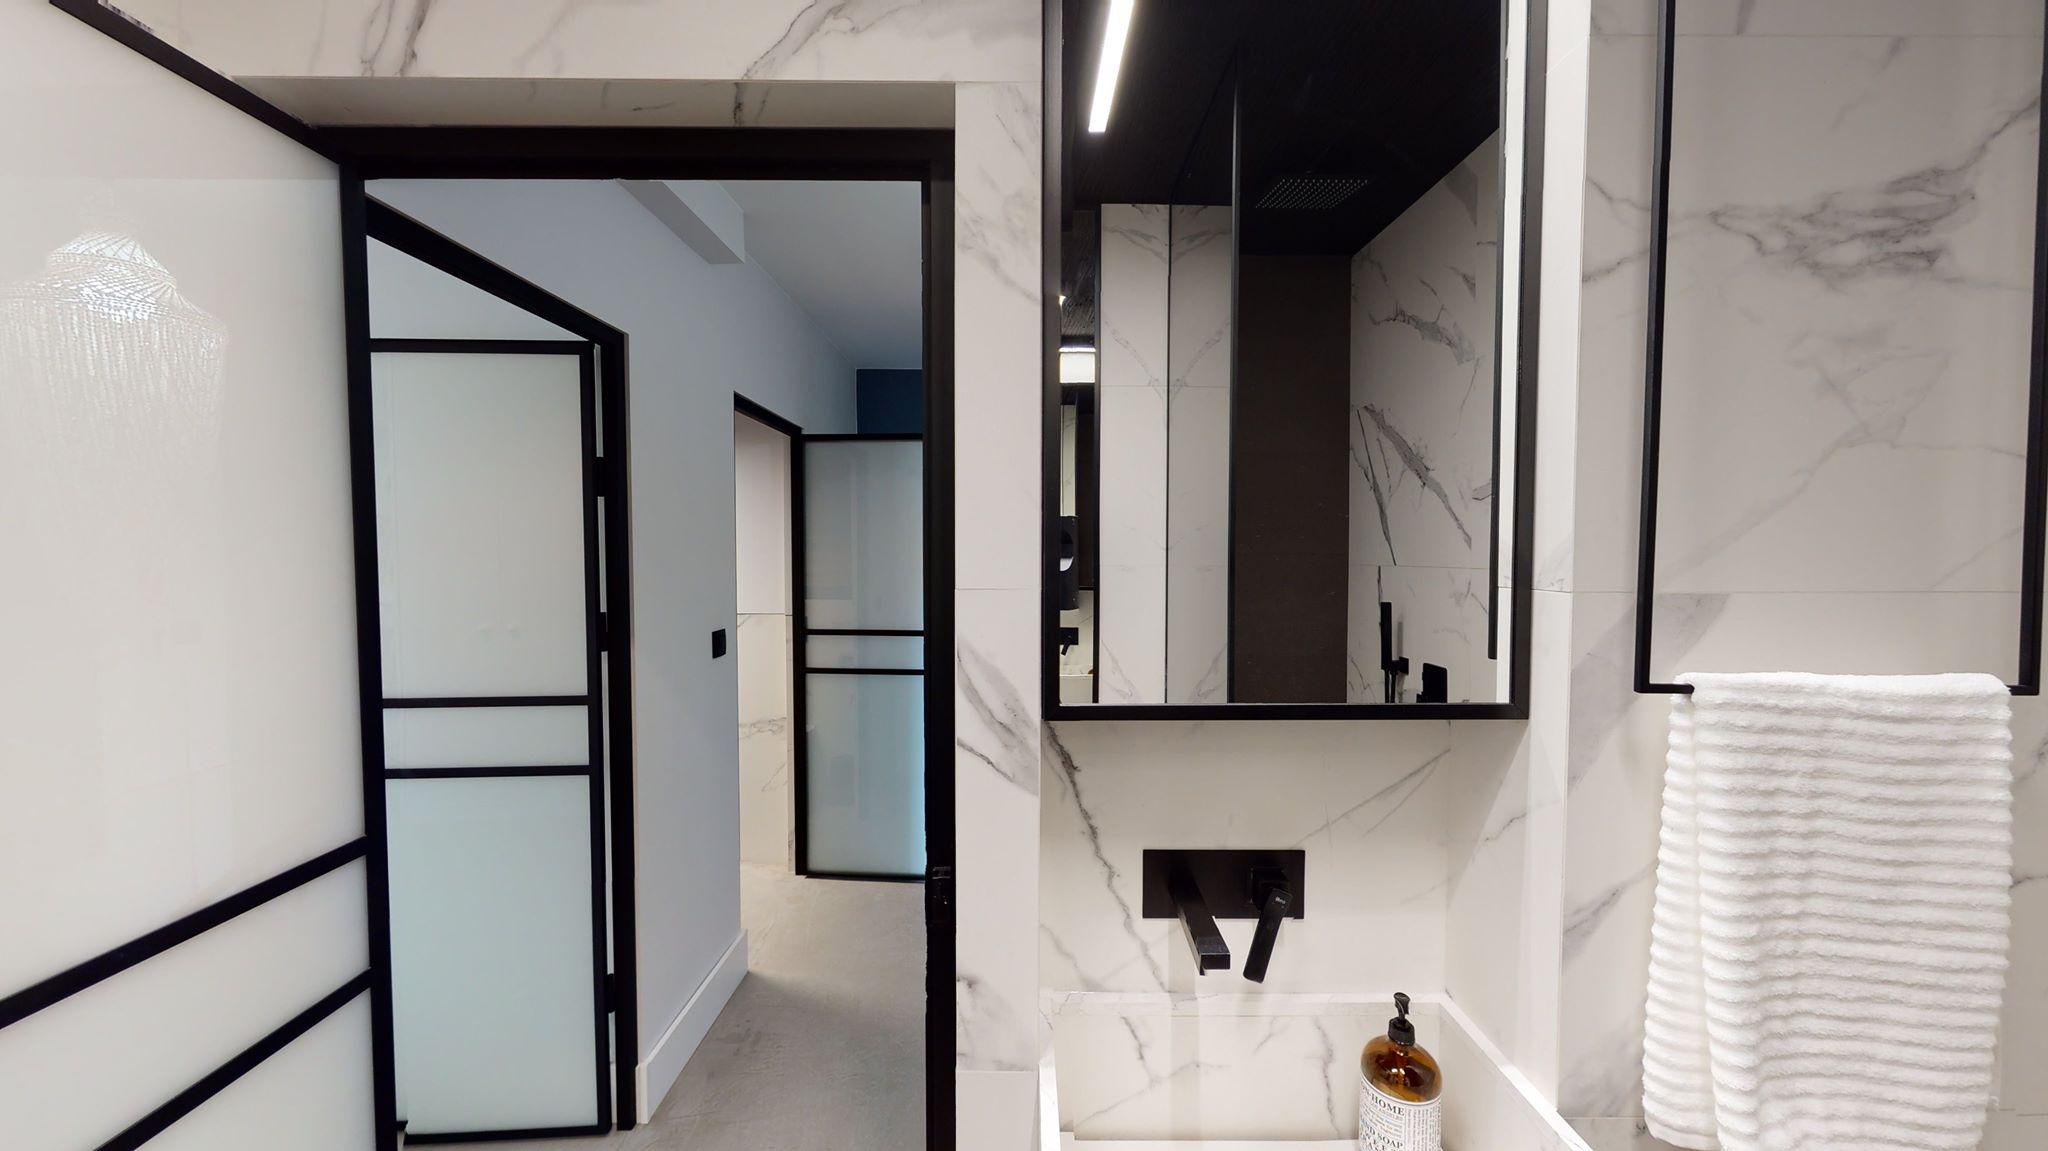 drzwi i lustra w czarnej ramie gdel